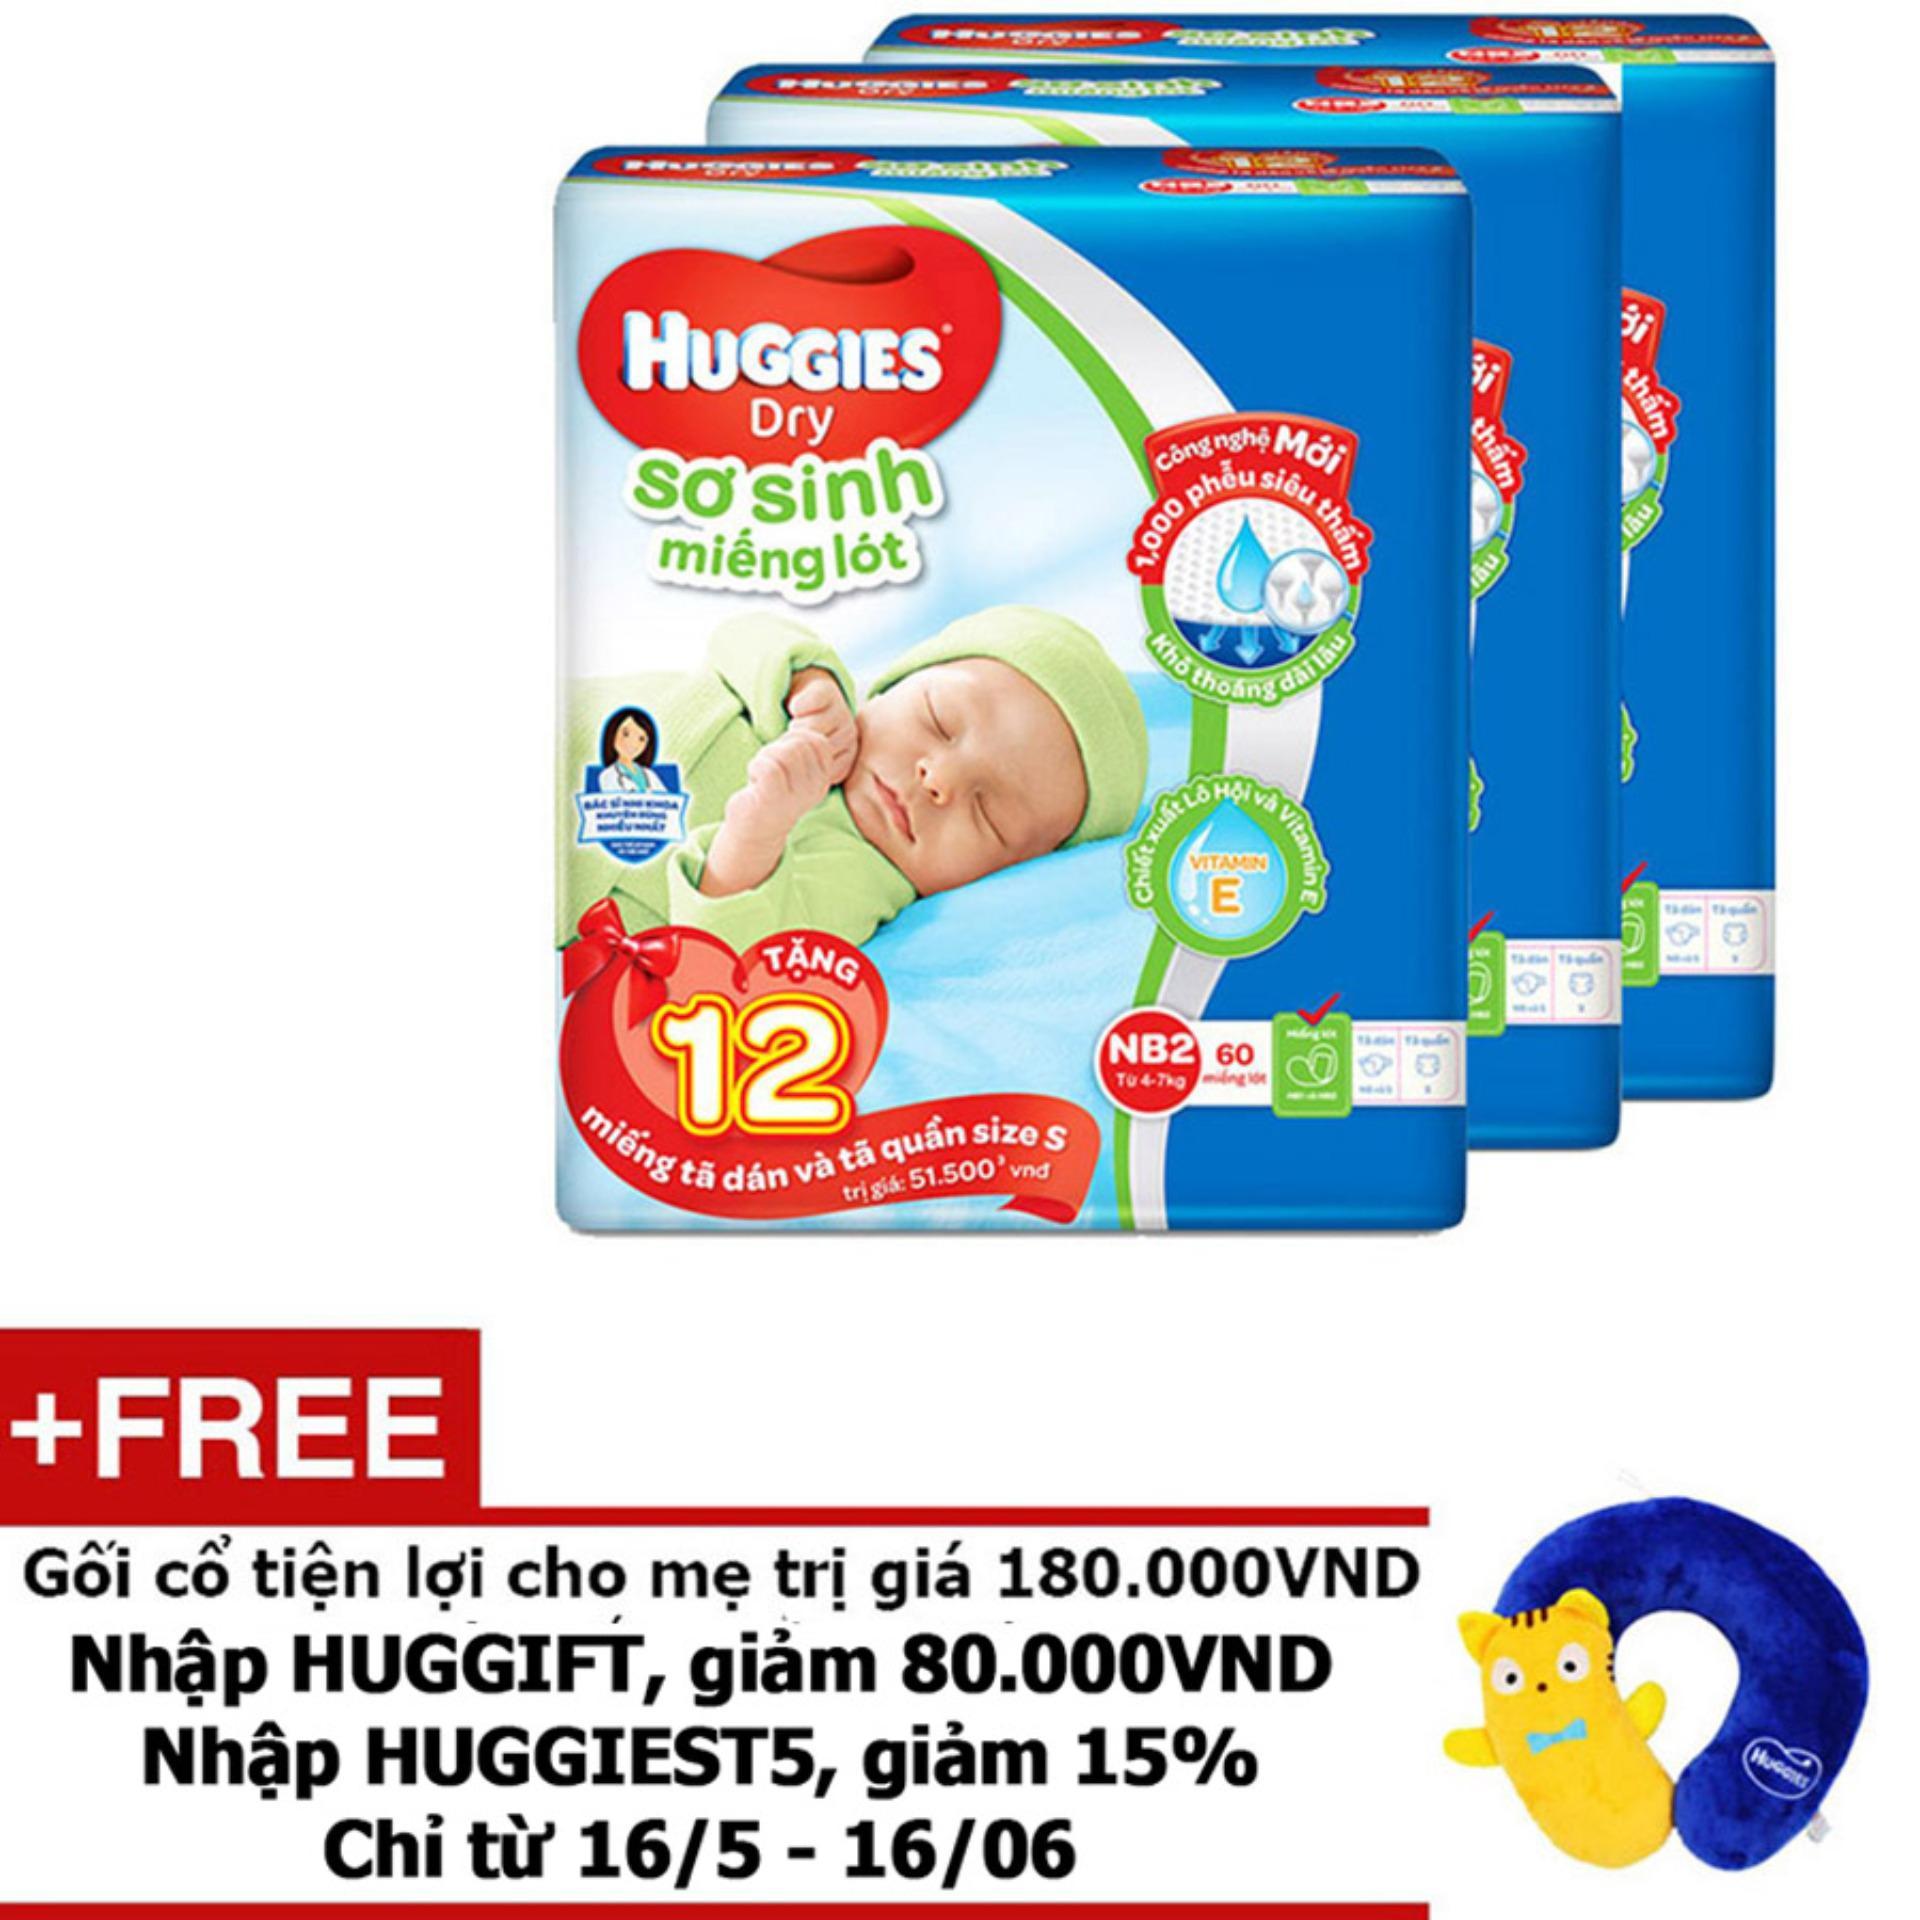 Hình ảnh Bộ 3 Miếng lót sơ sinh Huggies Newborn 2 (4-7kg) - N60 (Gói 60 miếng) - Tặng 12 miếng/ gói và 1 Gối cổ tiện lợi cho mẹ trị giá 180.000VND màu sắc ngẫu nhiên